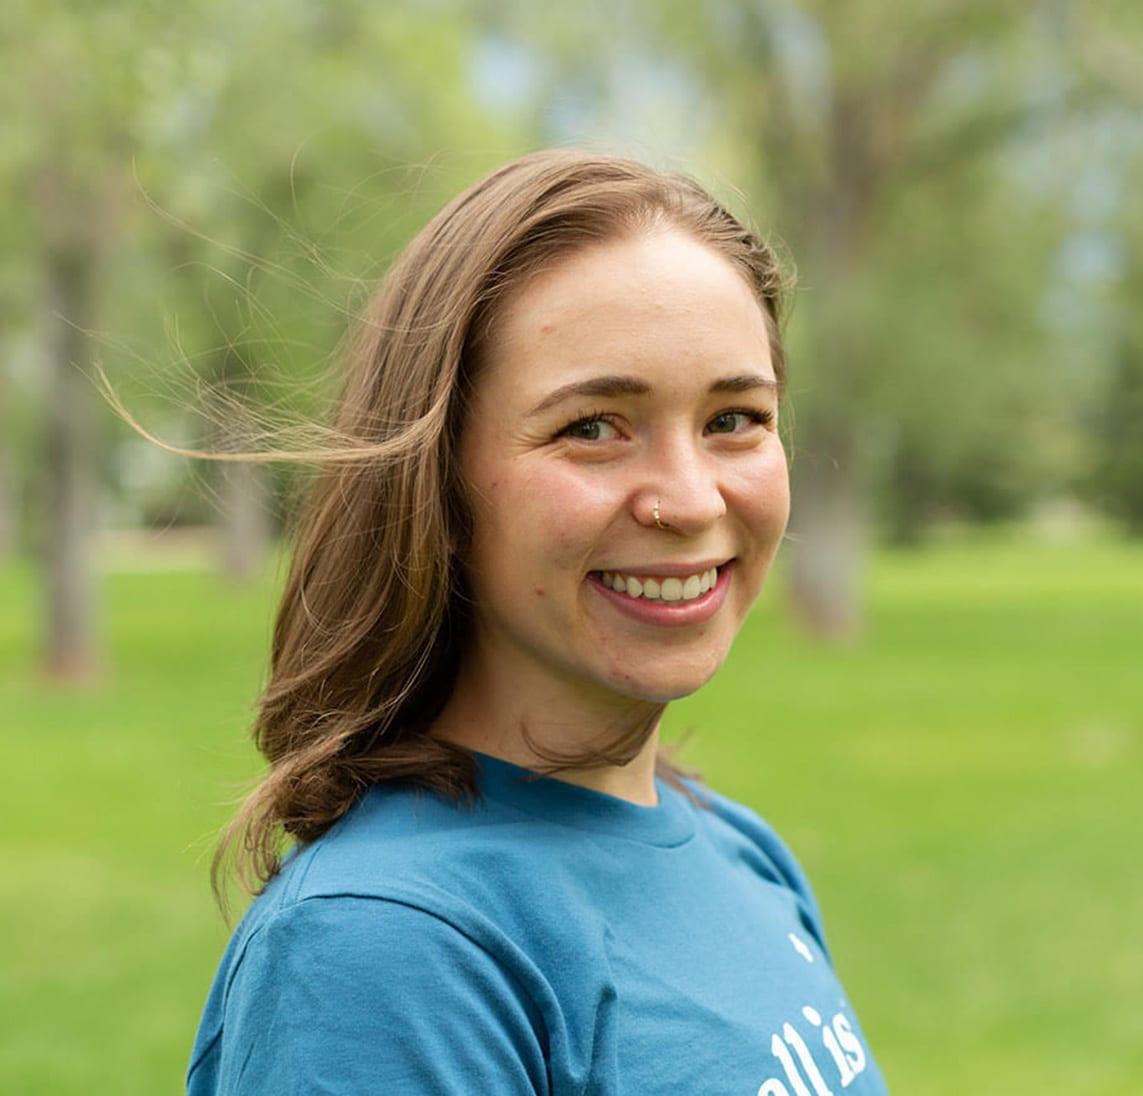 Kayleigh Bortolutti